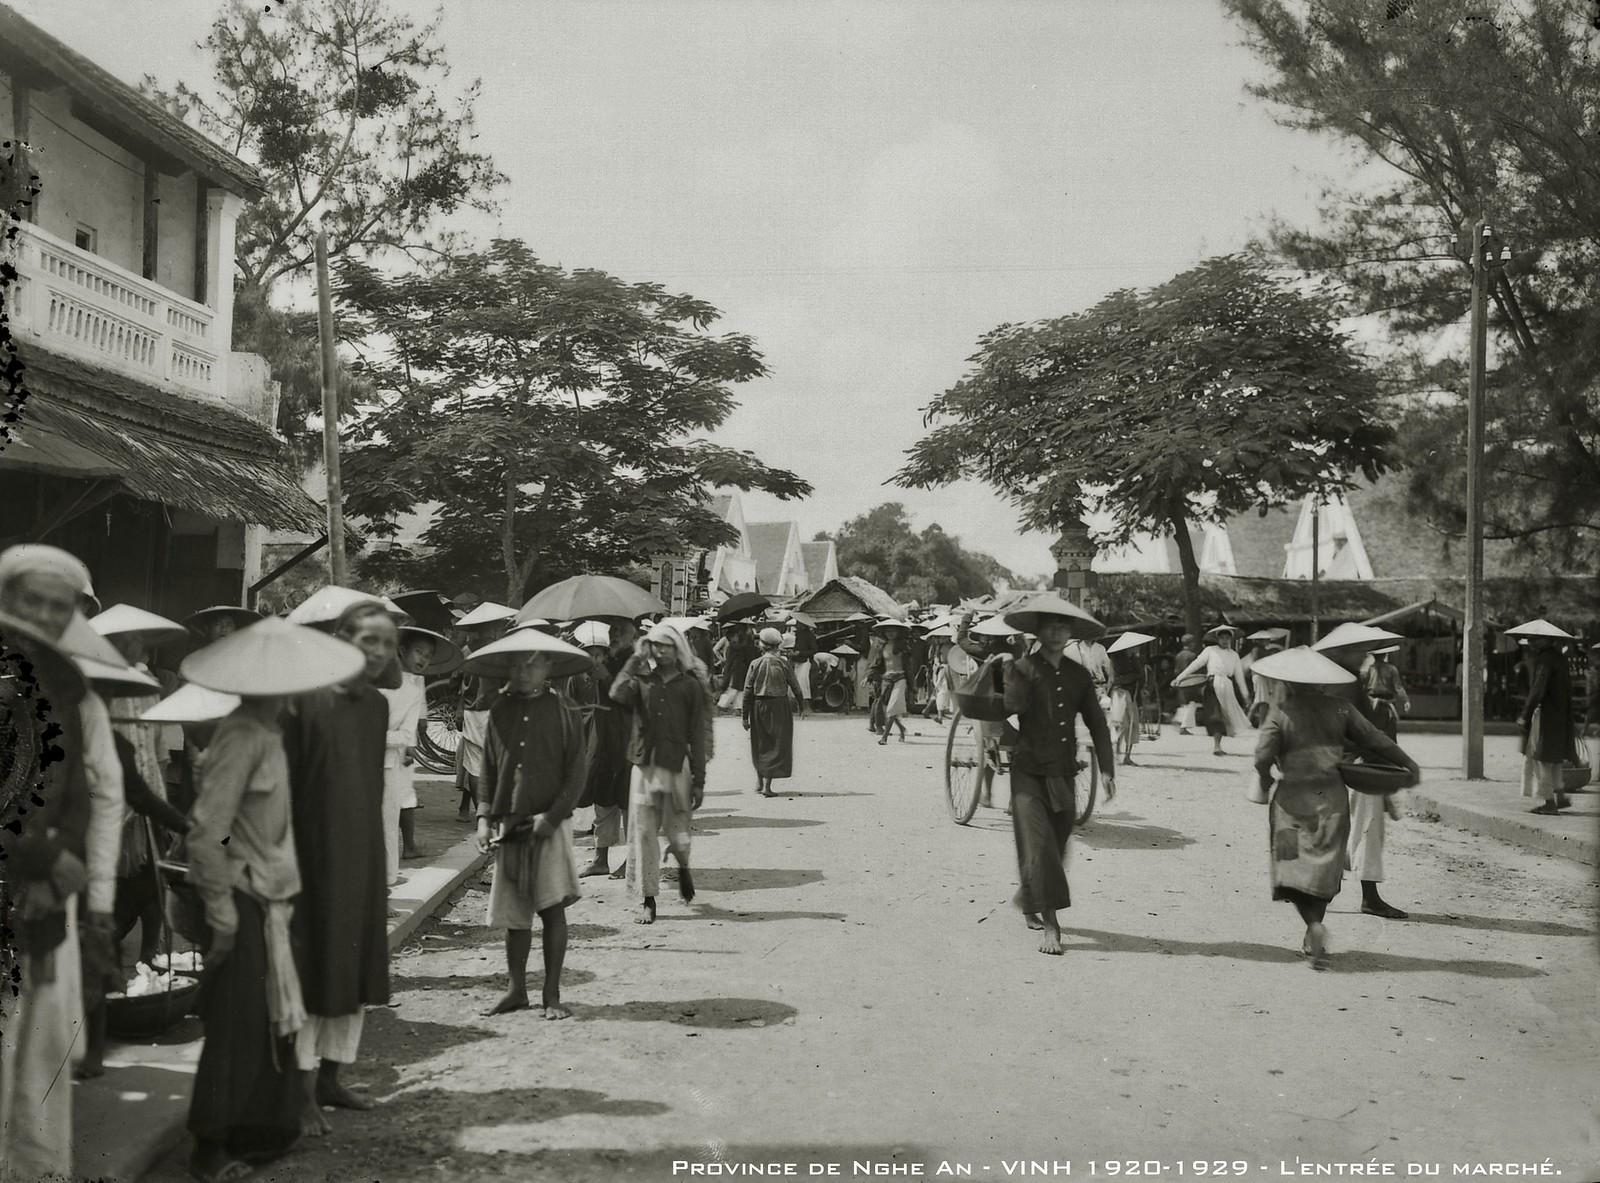 Chùm ảnh: Khám phá cuộc sống ở thành Vinh thập niên 1920